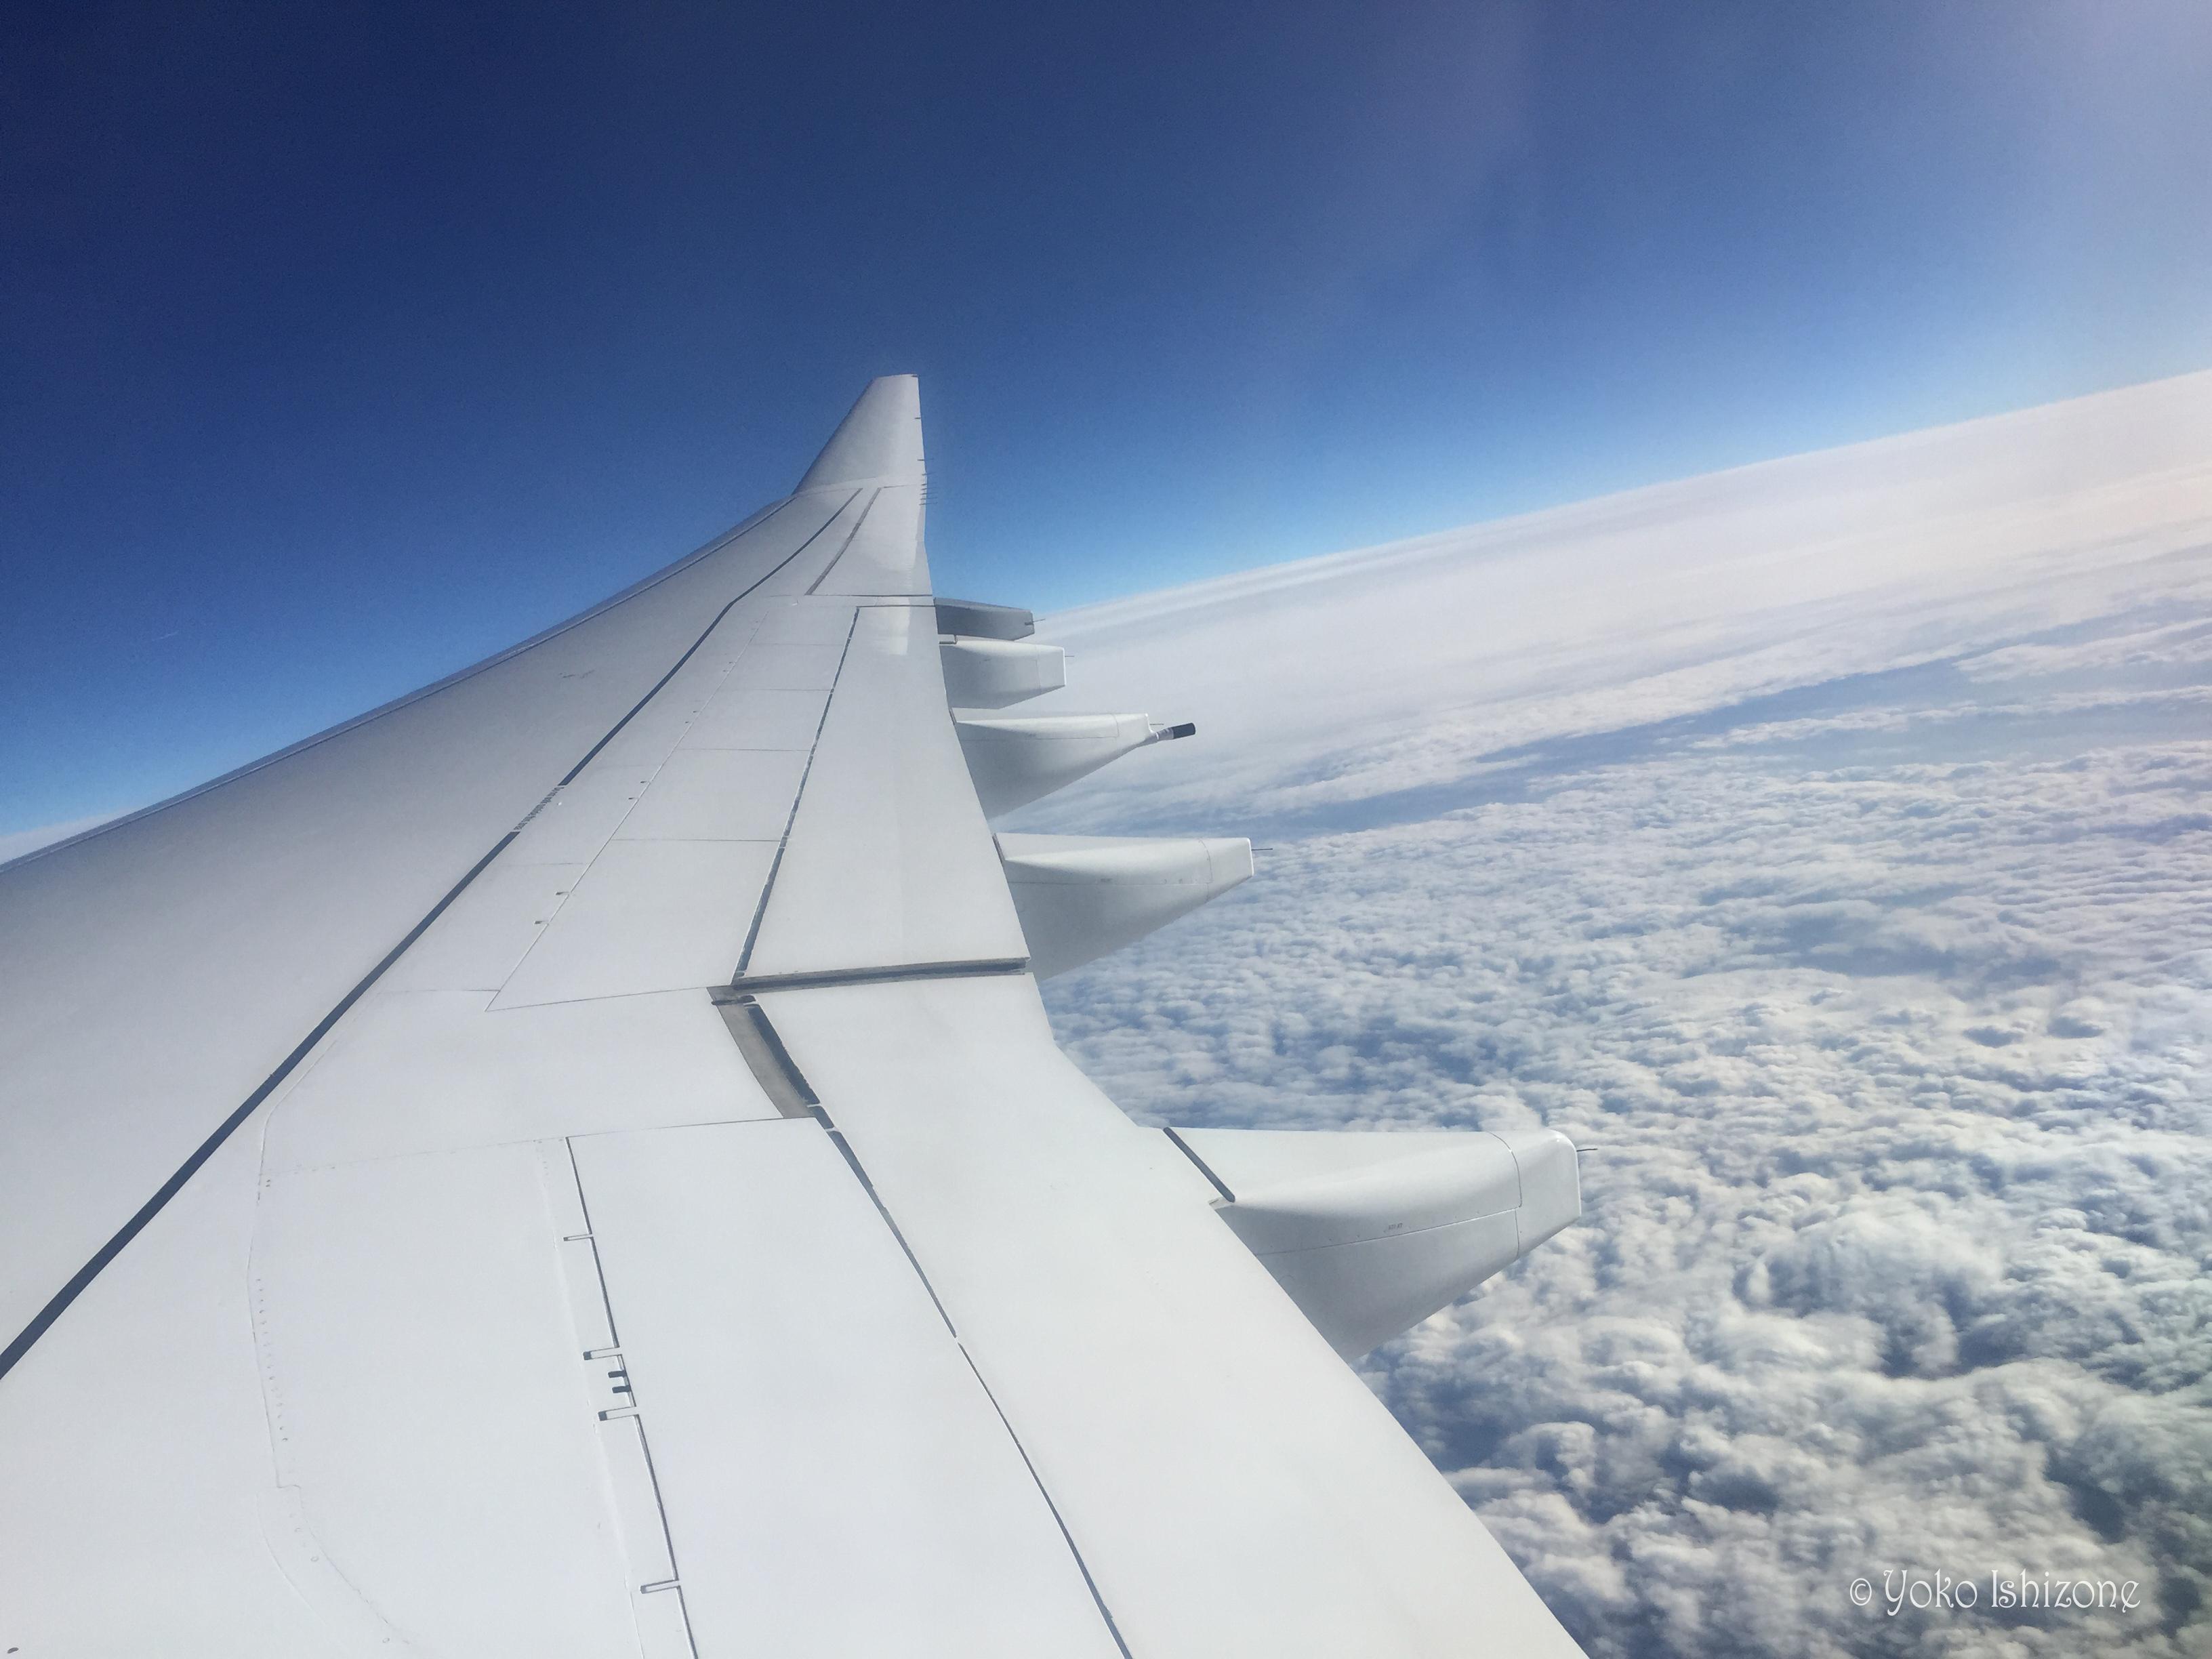 航空券の値段を比較して、よりお得な金額で予約するのにオススメのサイトは、スカイスキャナー